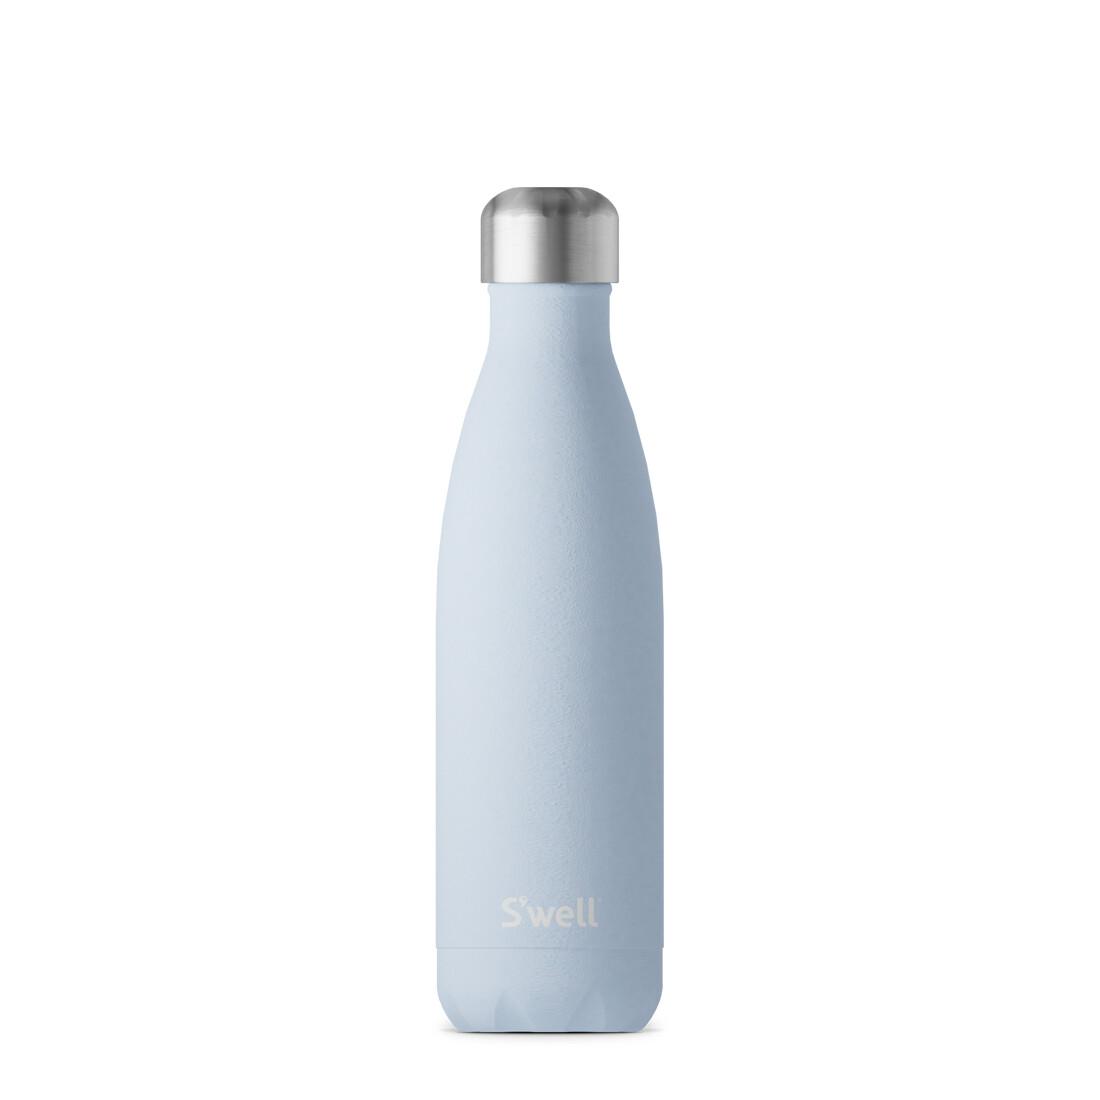 Swell, 17oz, Stainless Steel Water Bottle, Skye